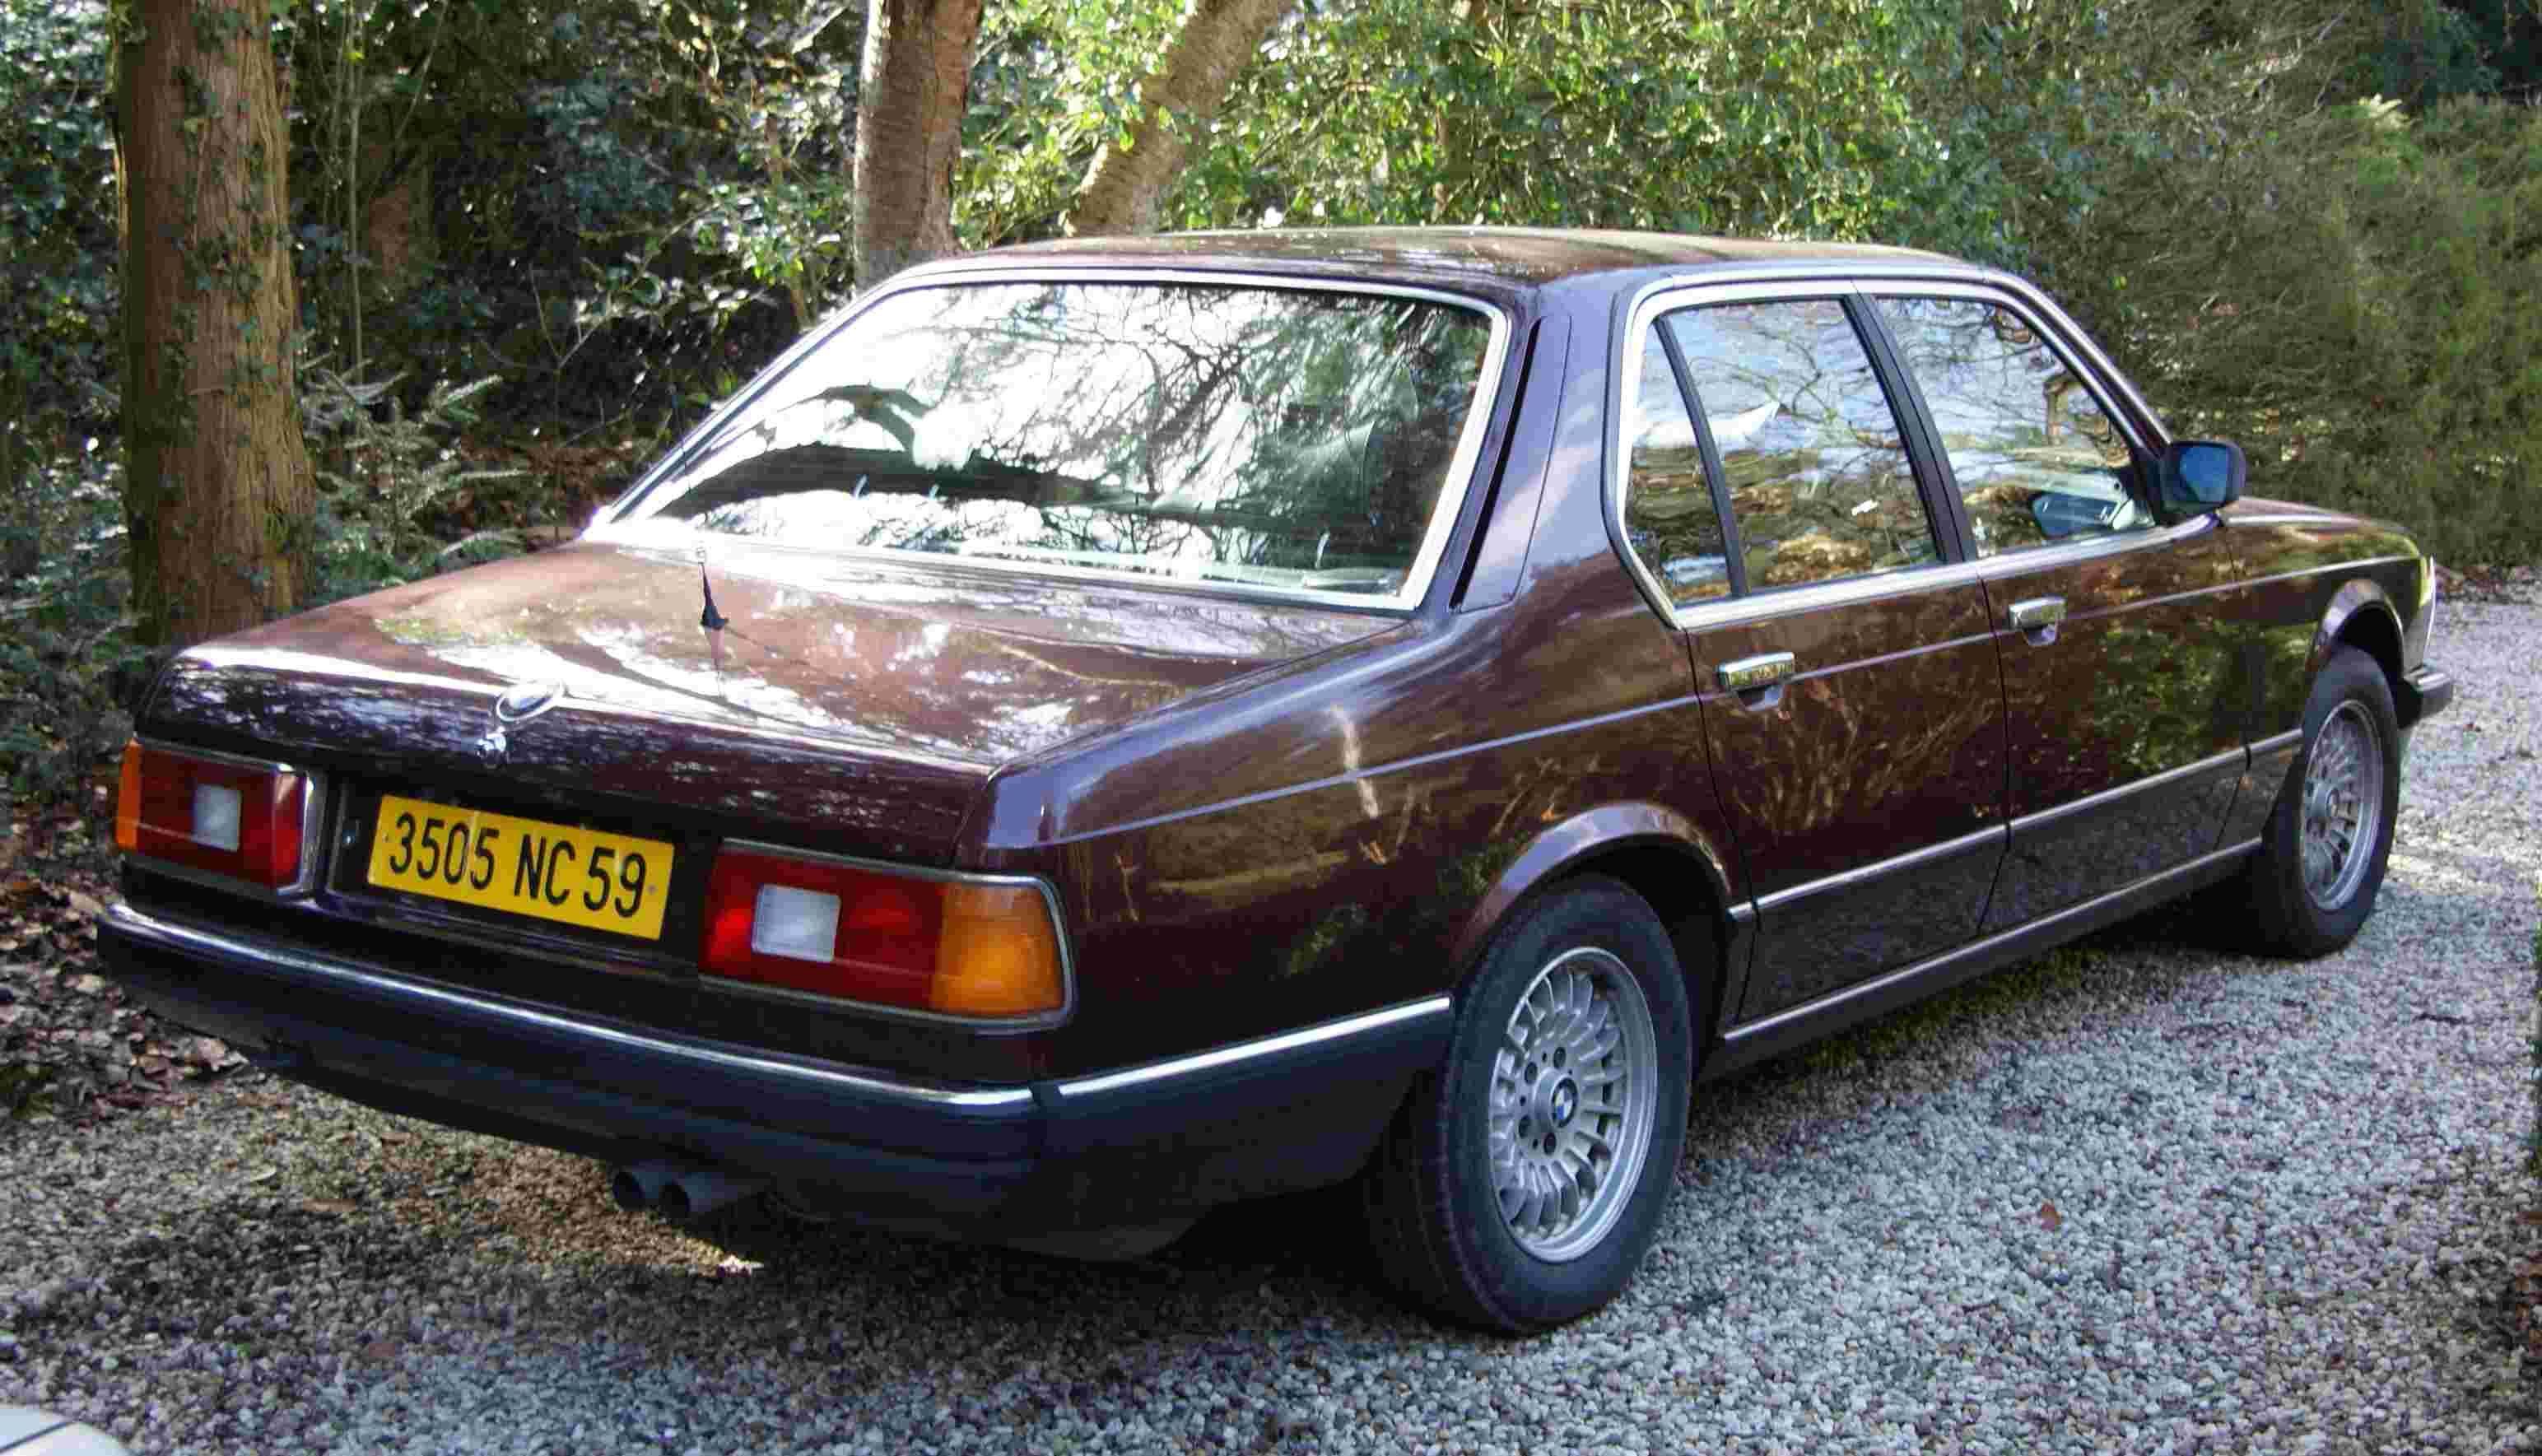 E23 Bmw 745i In Burgundy Red Ii Burgundrot Ii And Trx Type I Alloys Bmw 7 Series Motor Car